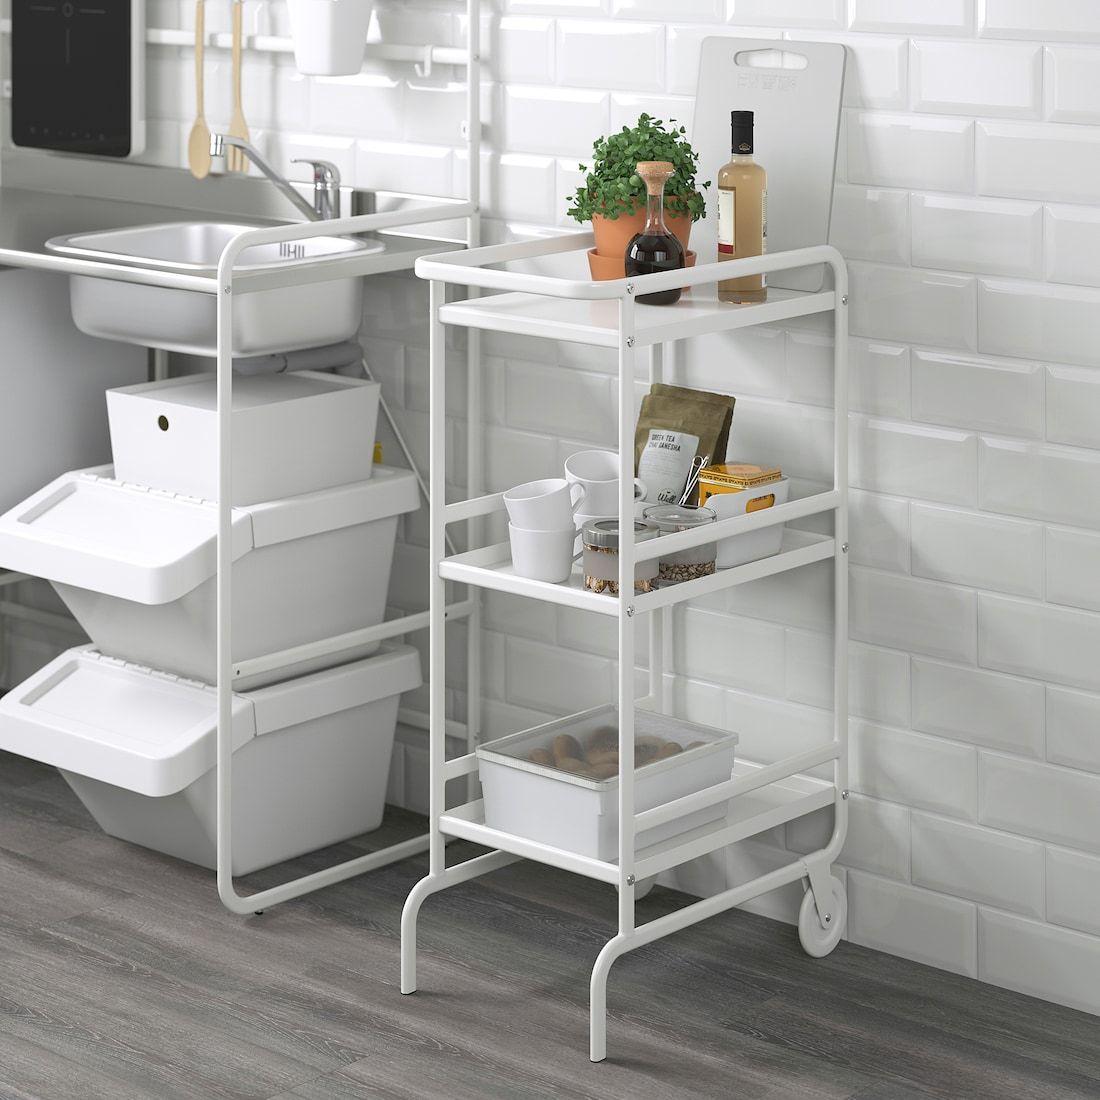 SUNNERSTA Carrello IKEA IT in 2020 Ikea, Small